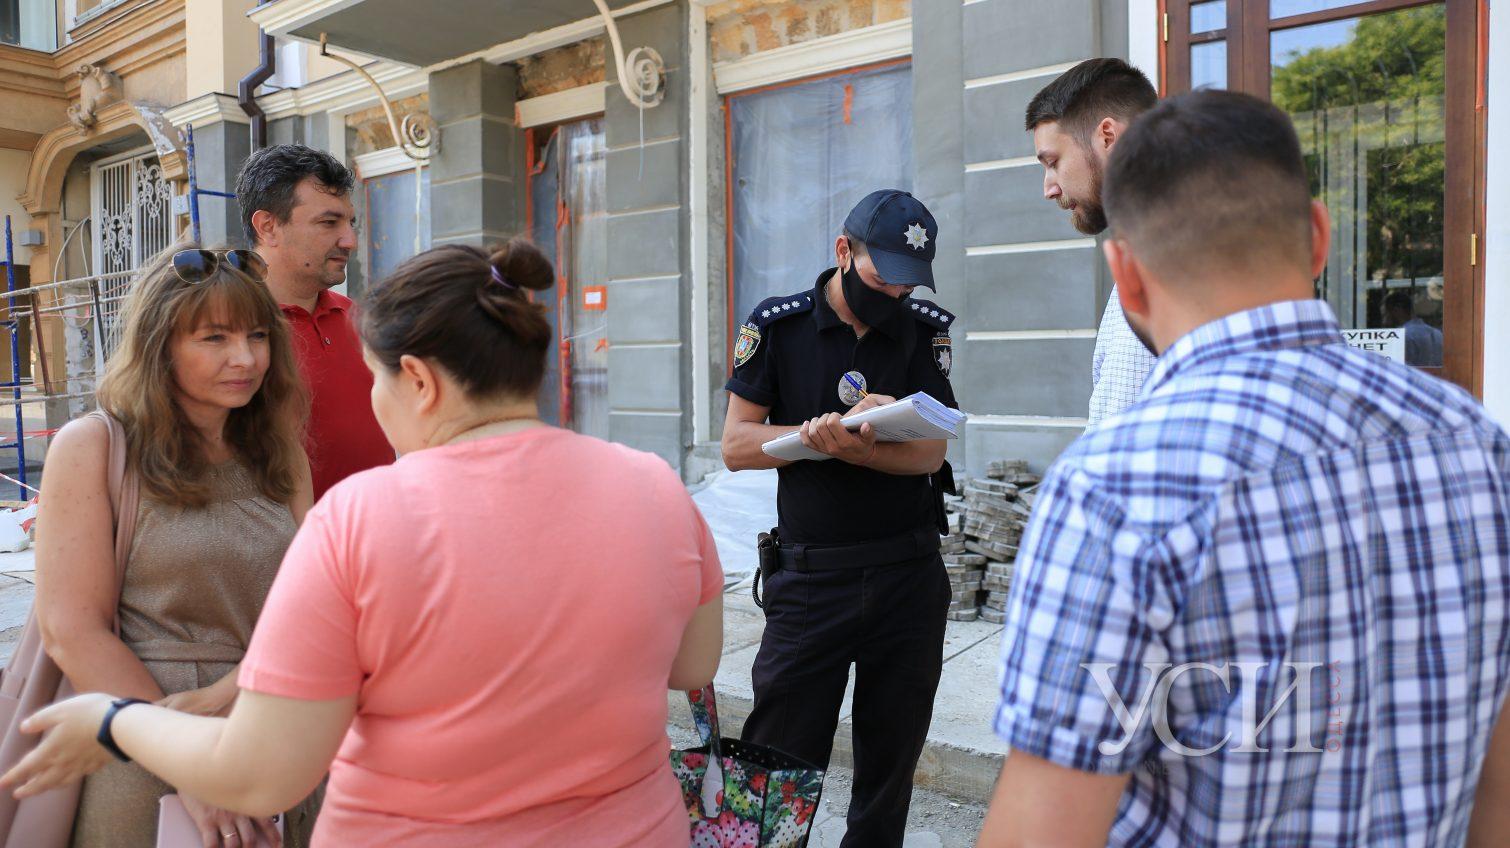 Инспекторы с полицией ищут владельца депутатского подвала, где затеяли незаконную стройку (фото) «фото»